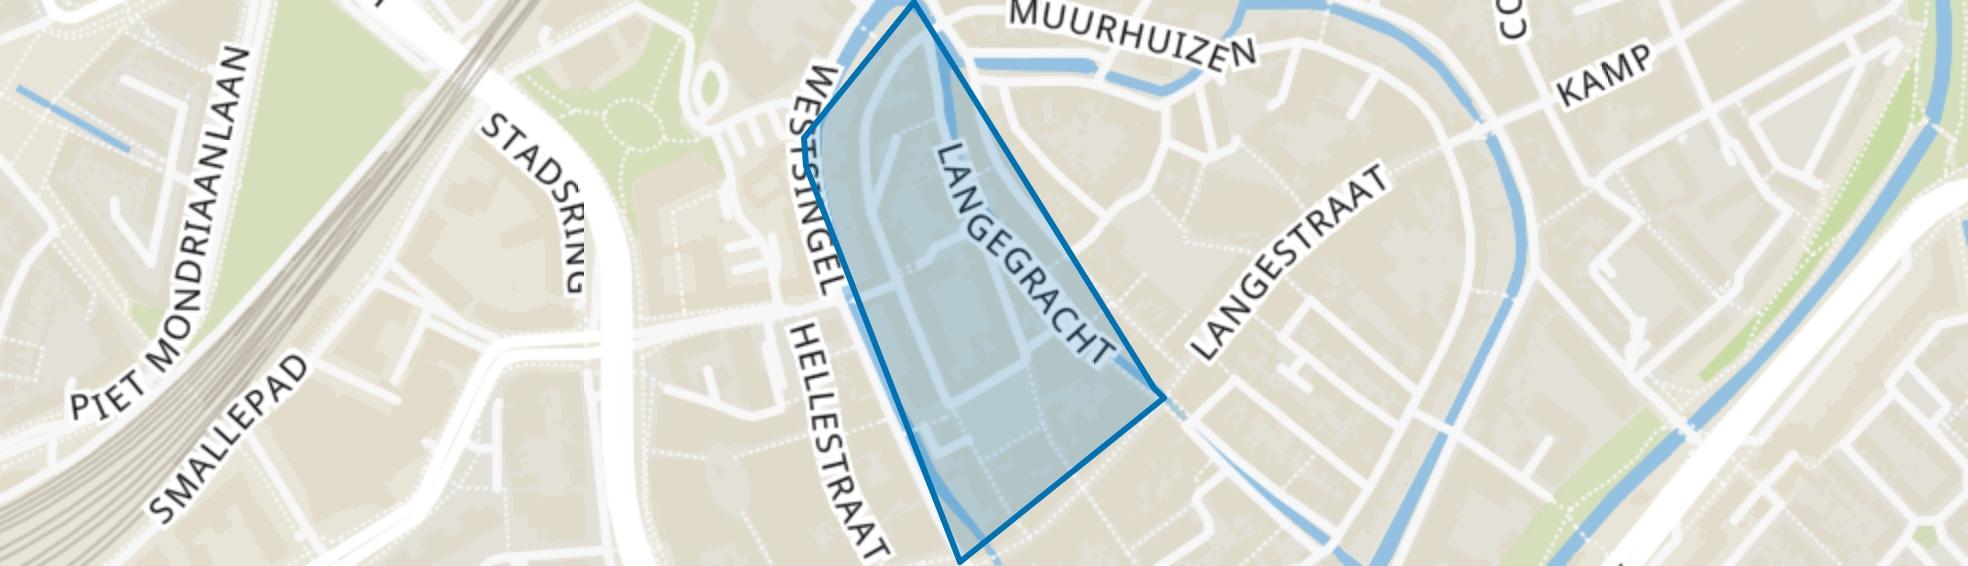 Lieve Vrouwekerkhof, Amersfoort map